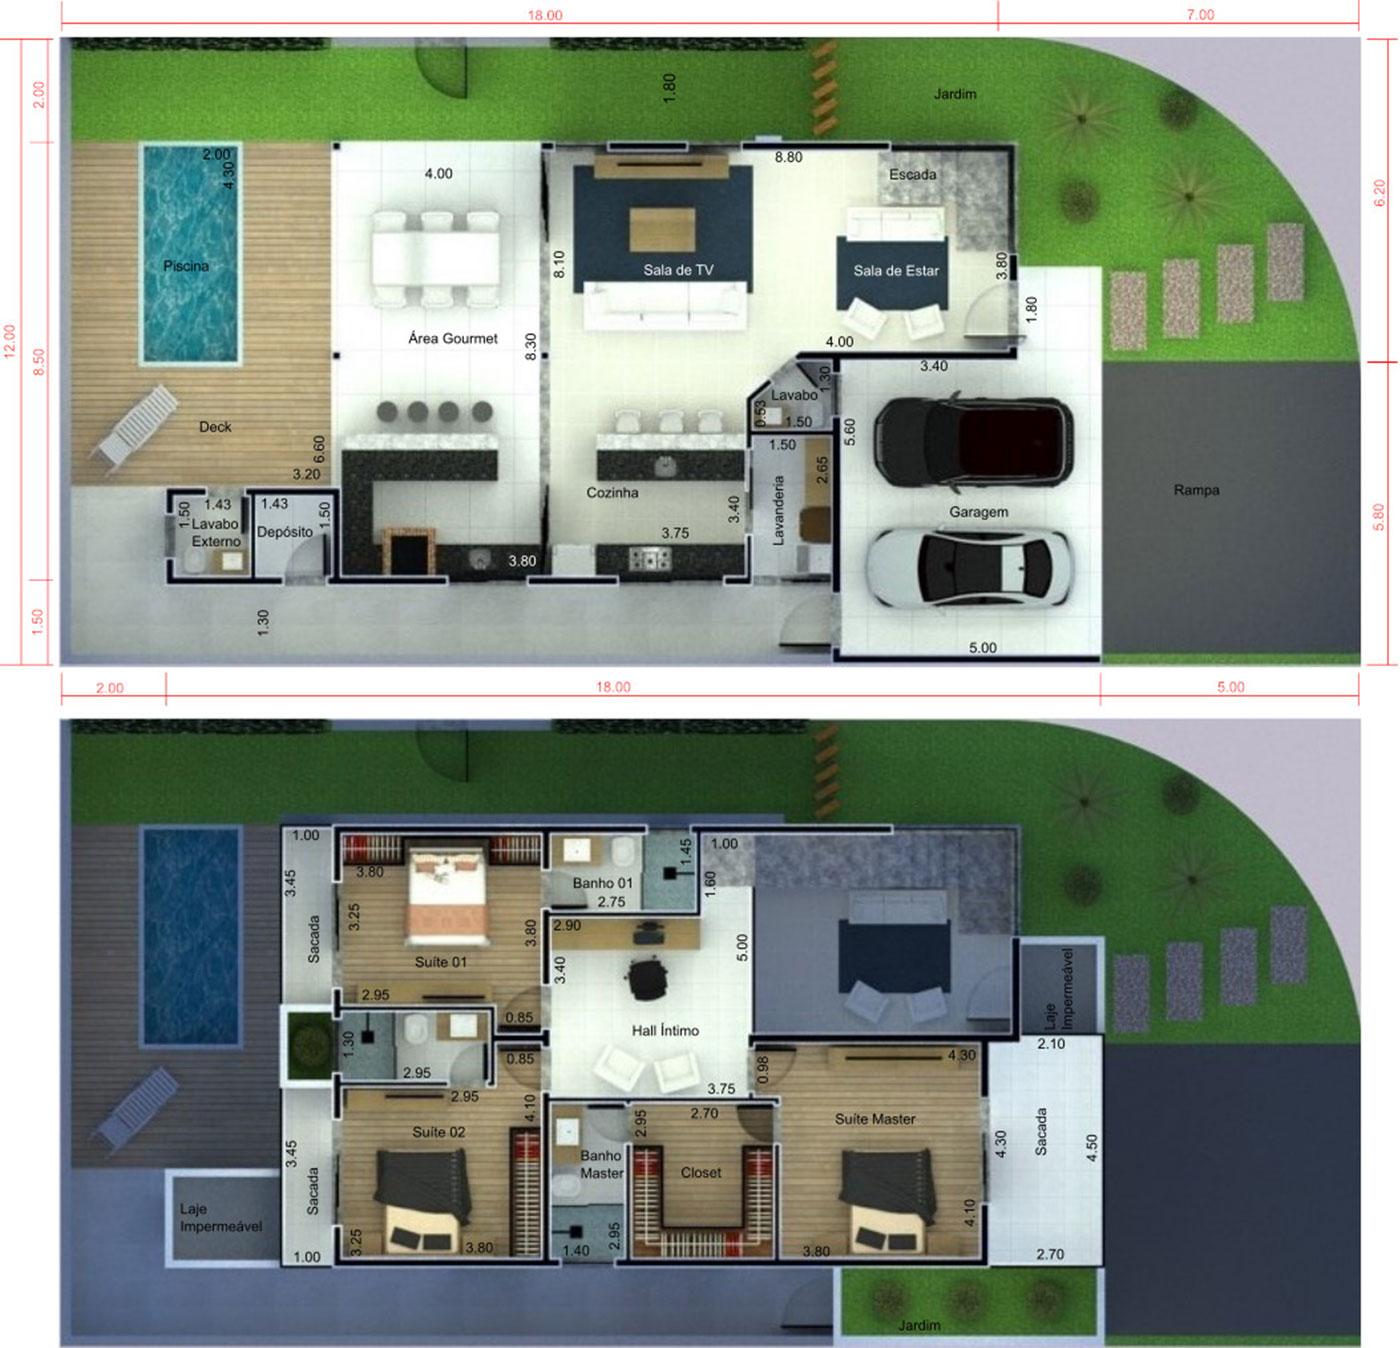 Planta de casa de esquina com 3 quartos. Planta para terreno 12x25